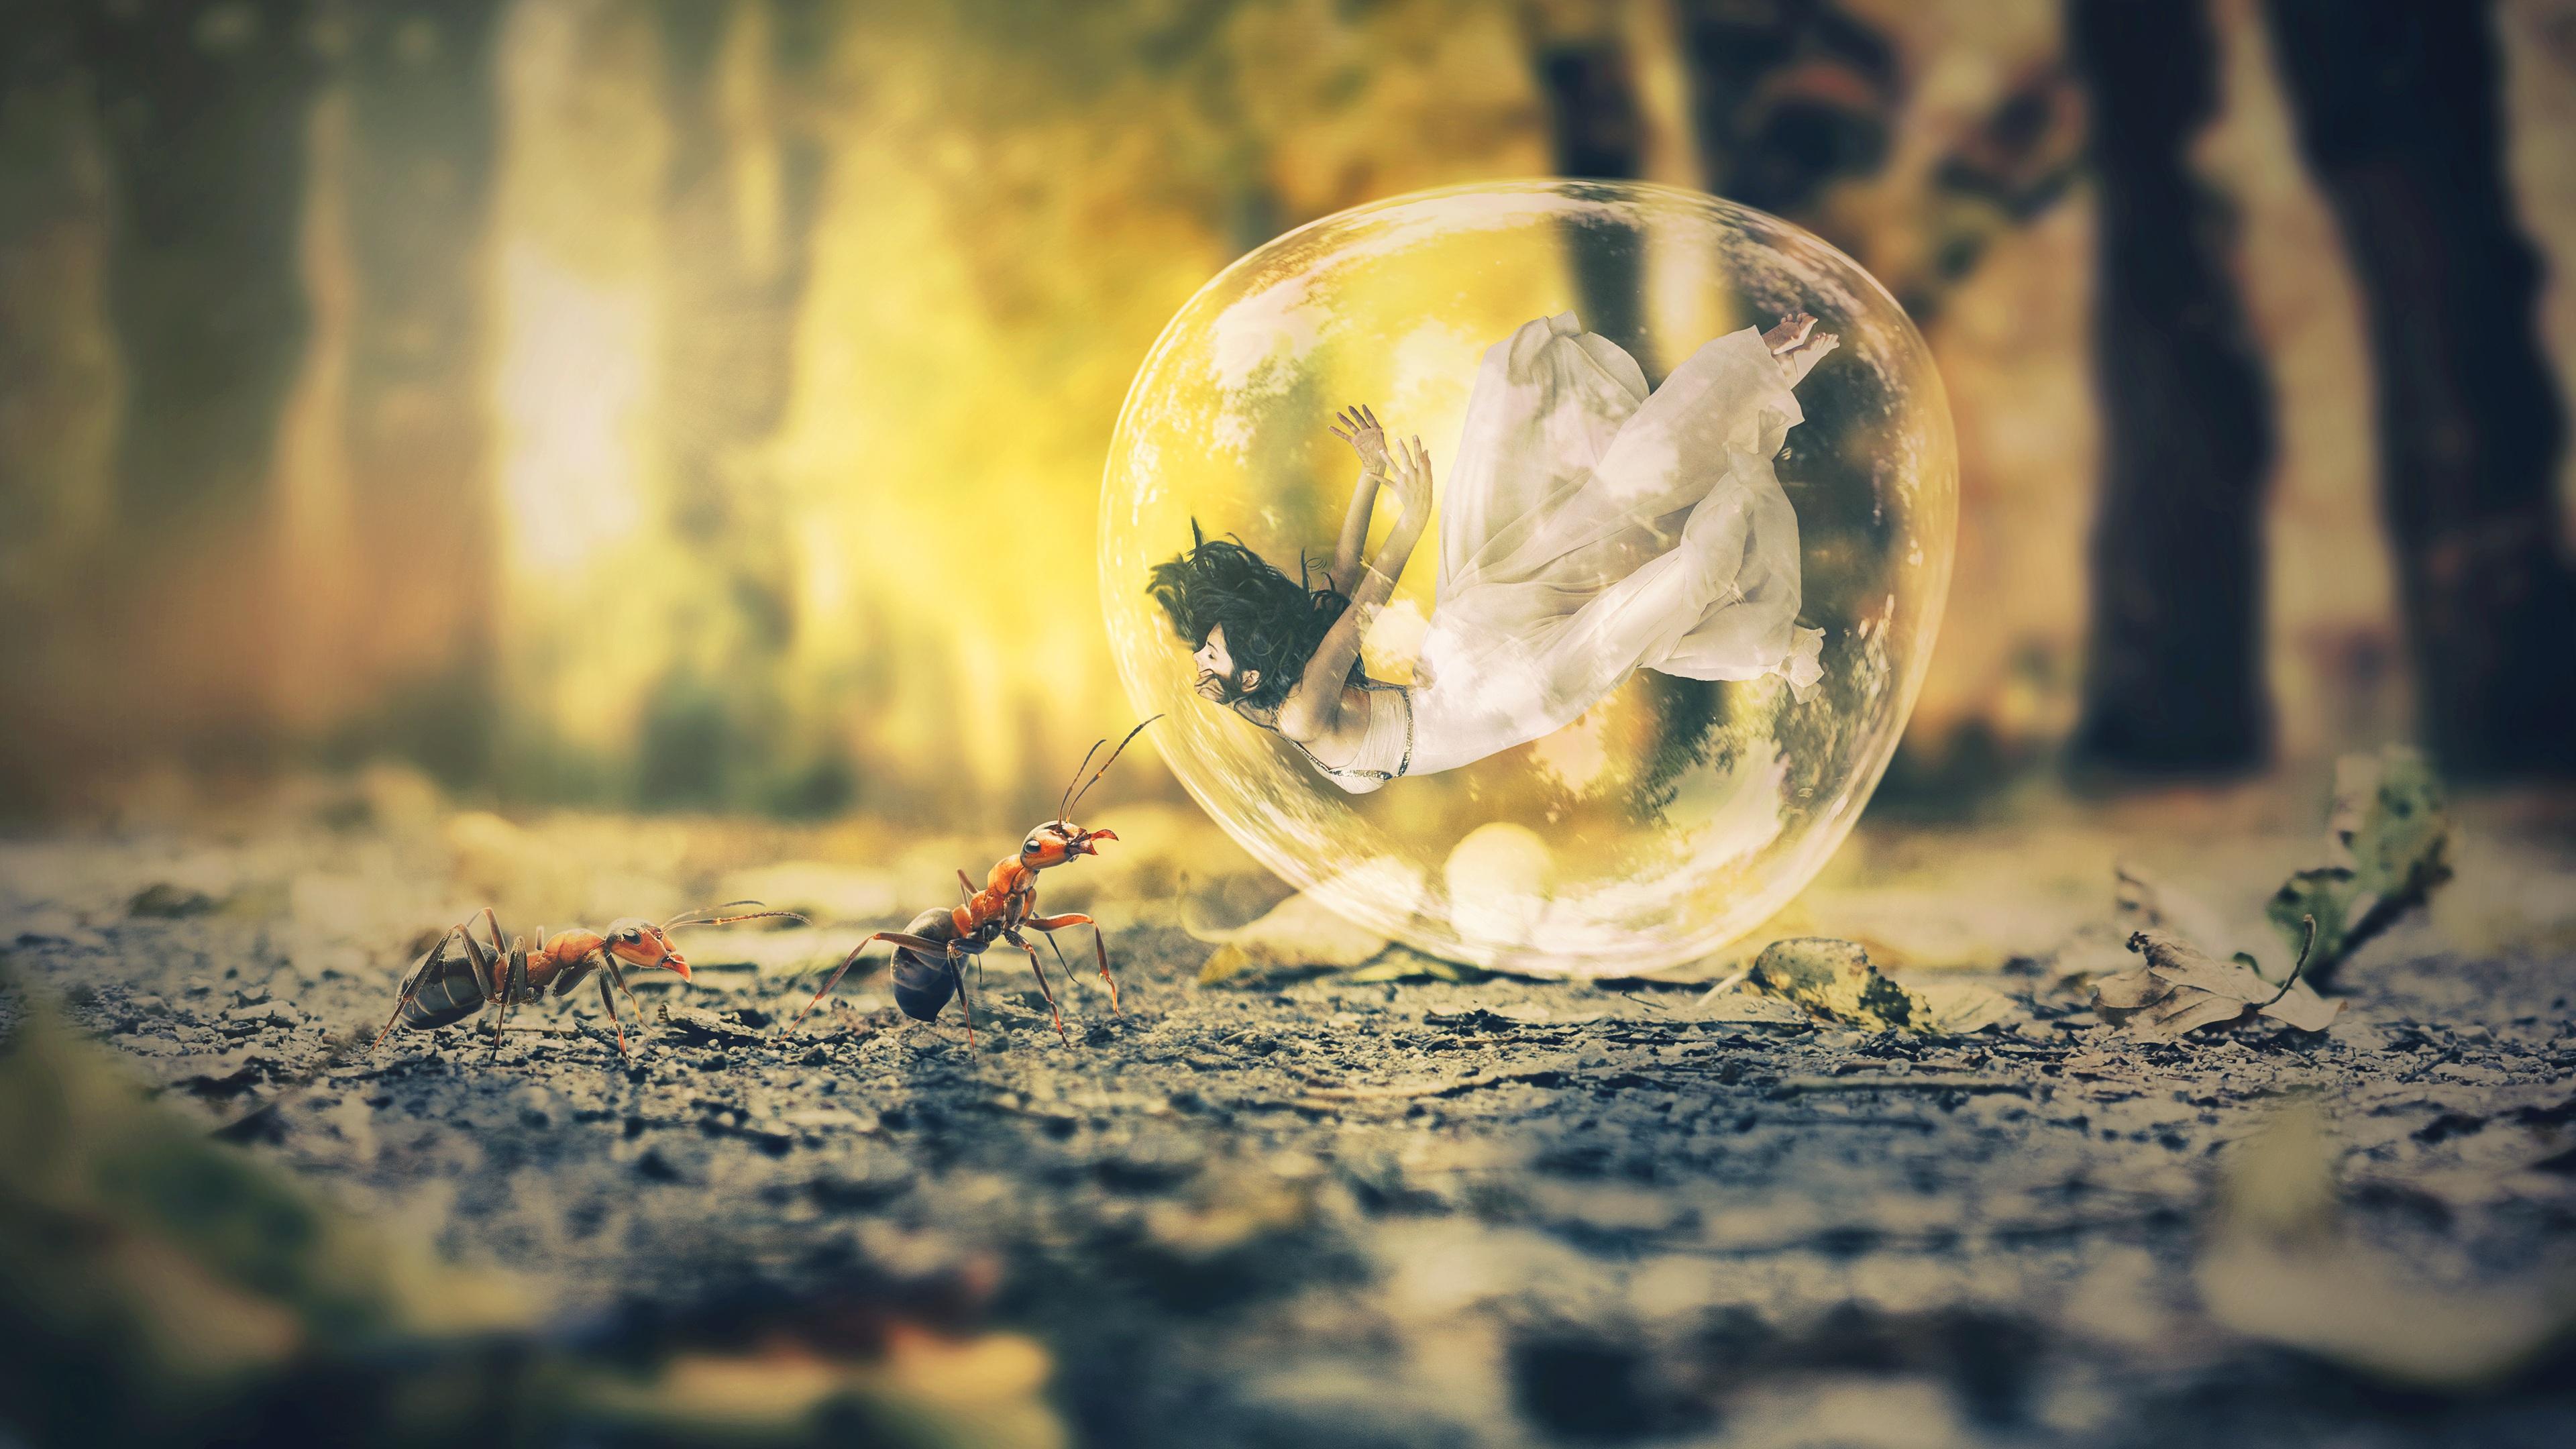 Пузырь муравей мечта обои скачать